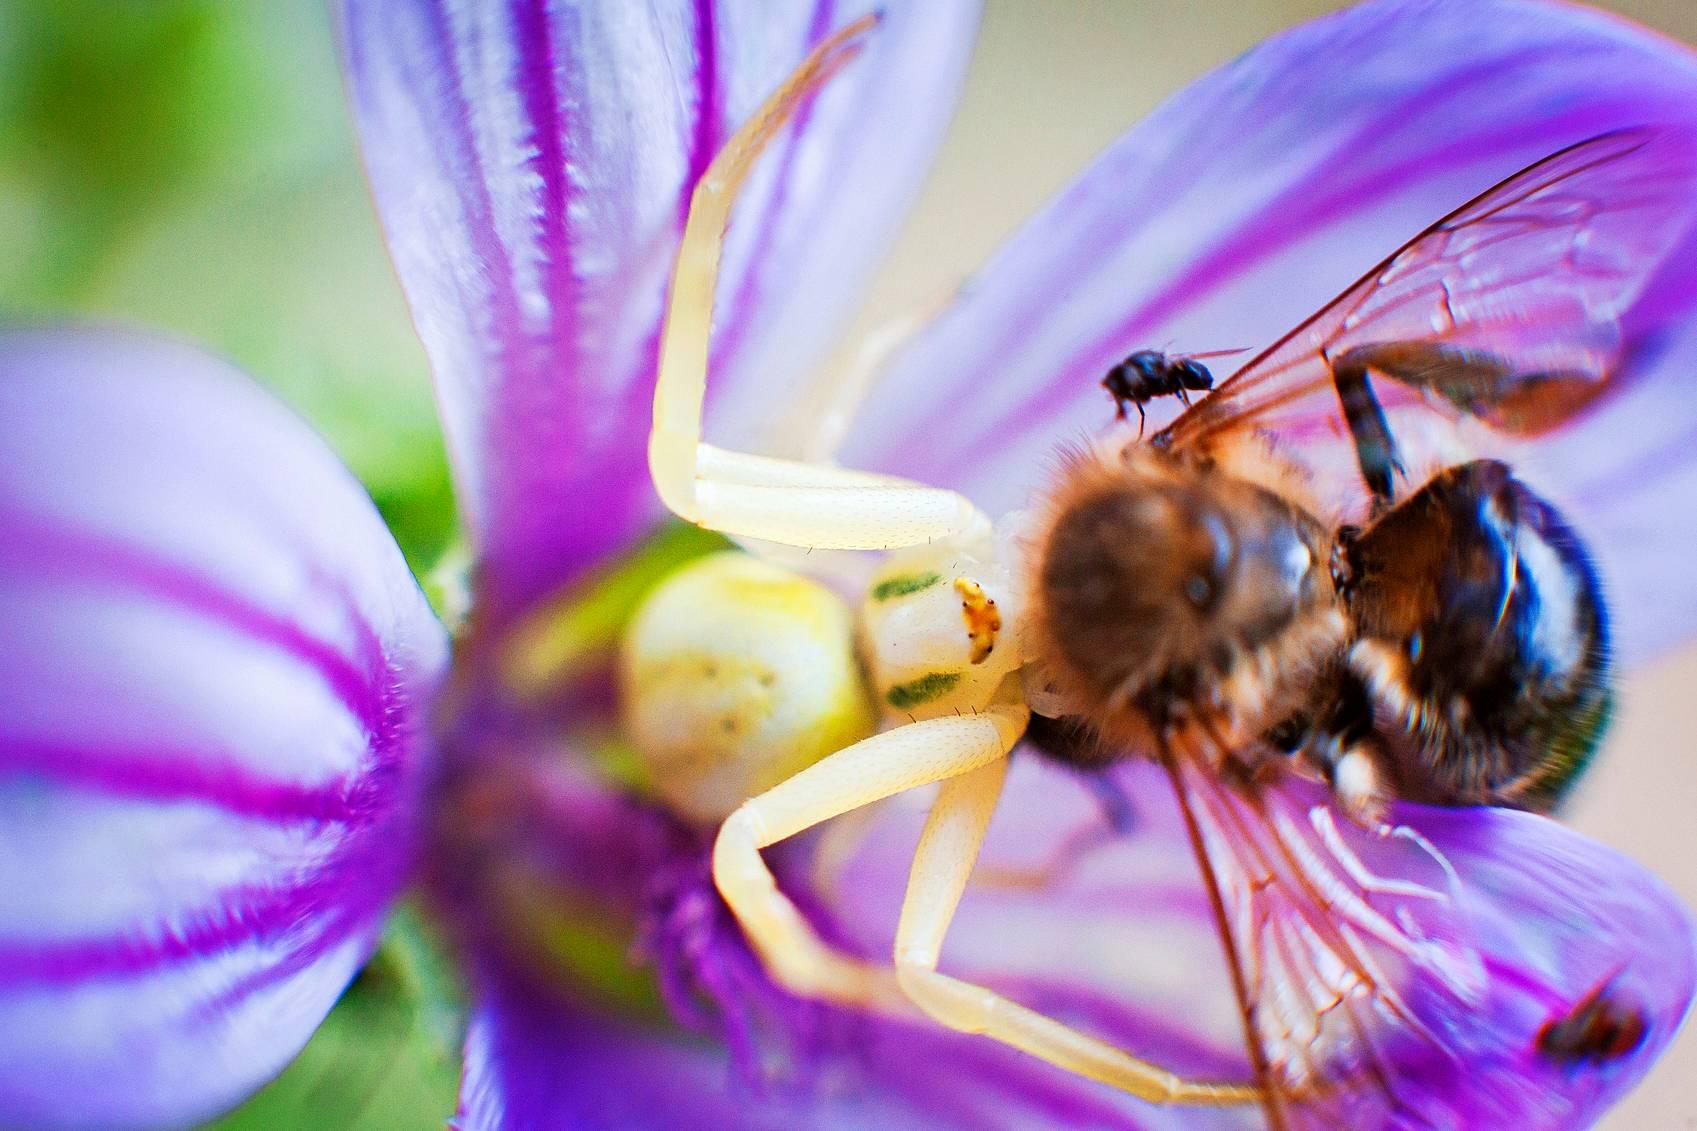 kukkahämähäkki